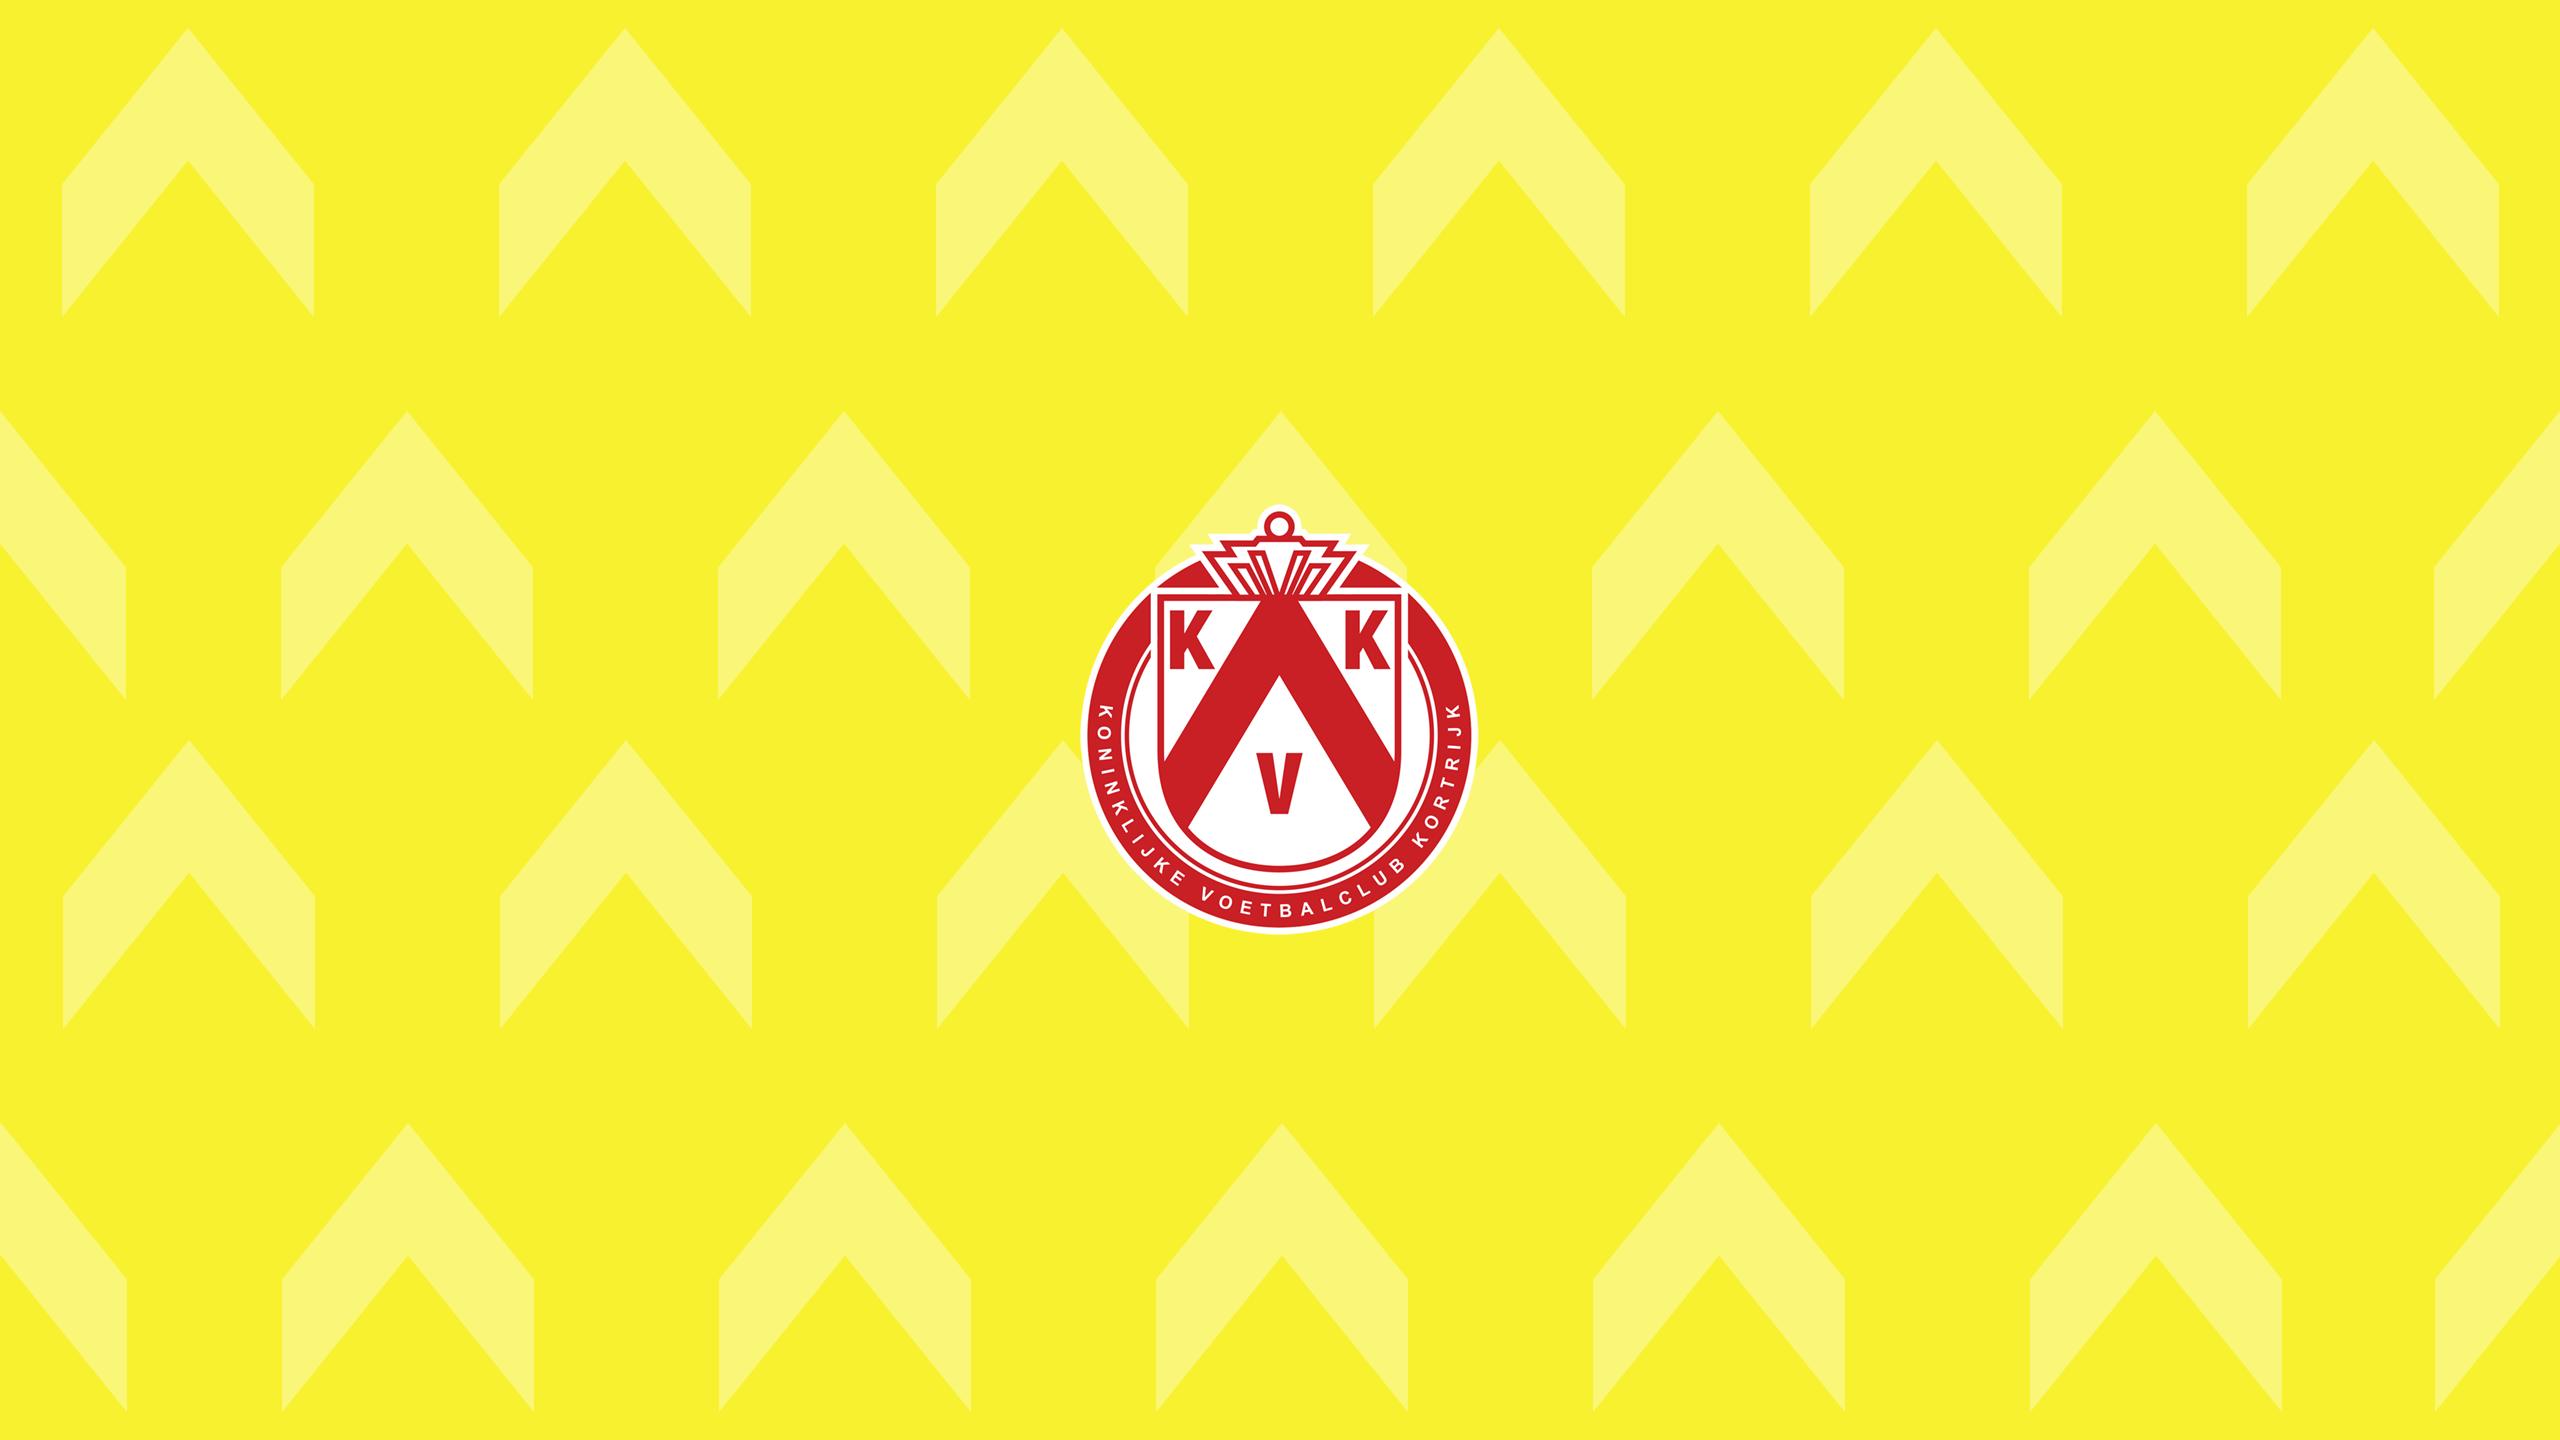 KV Kortrijk (Away)